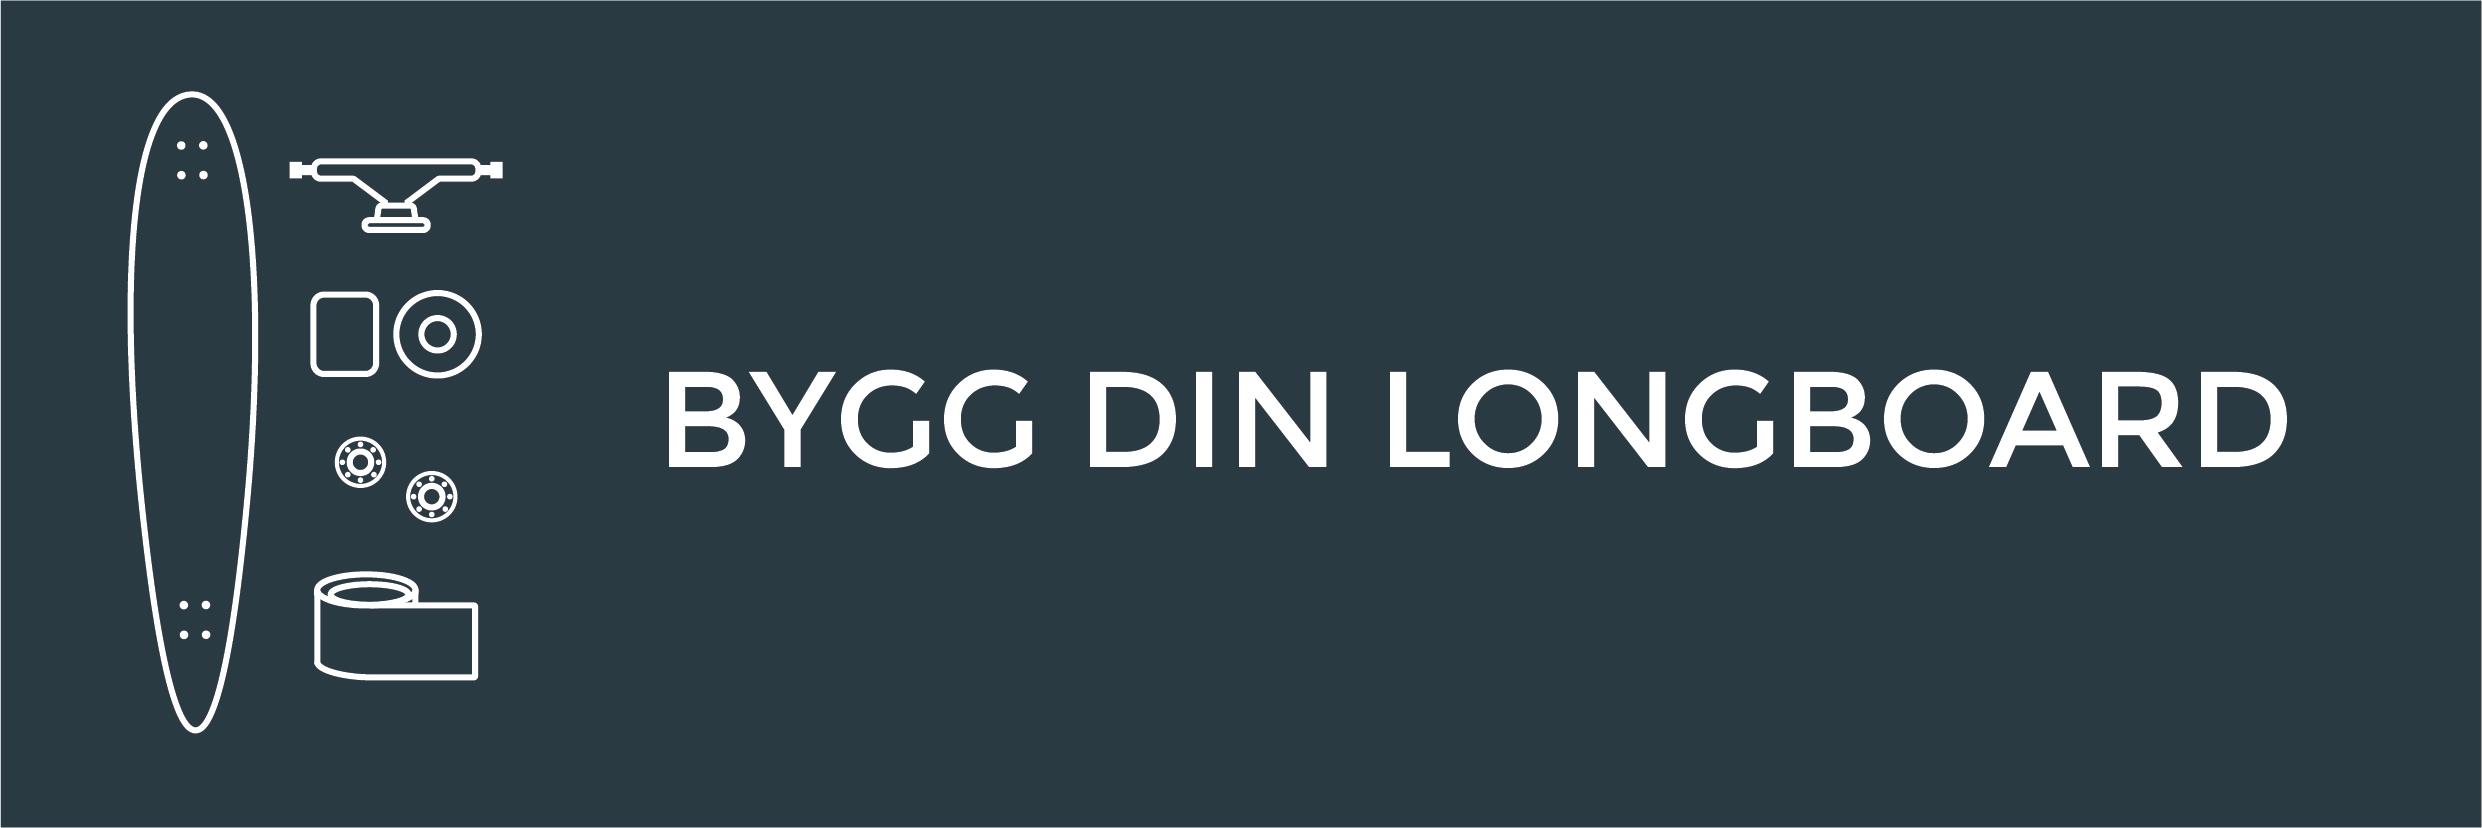 Bygg din longboard